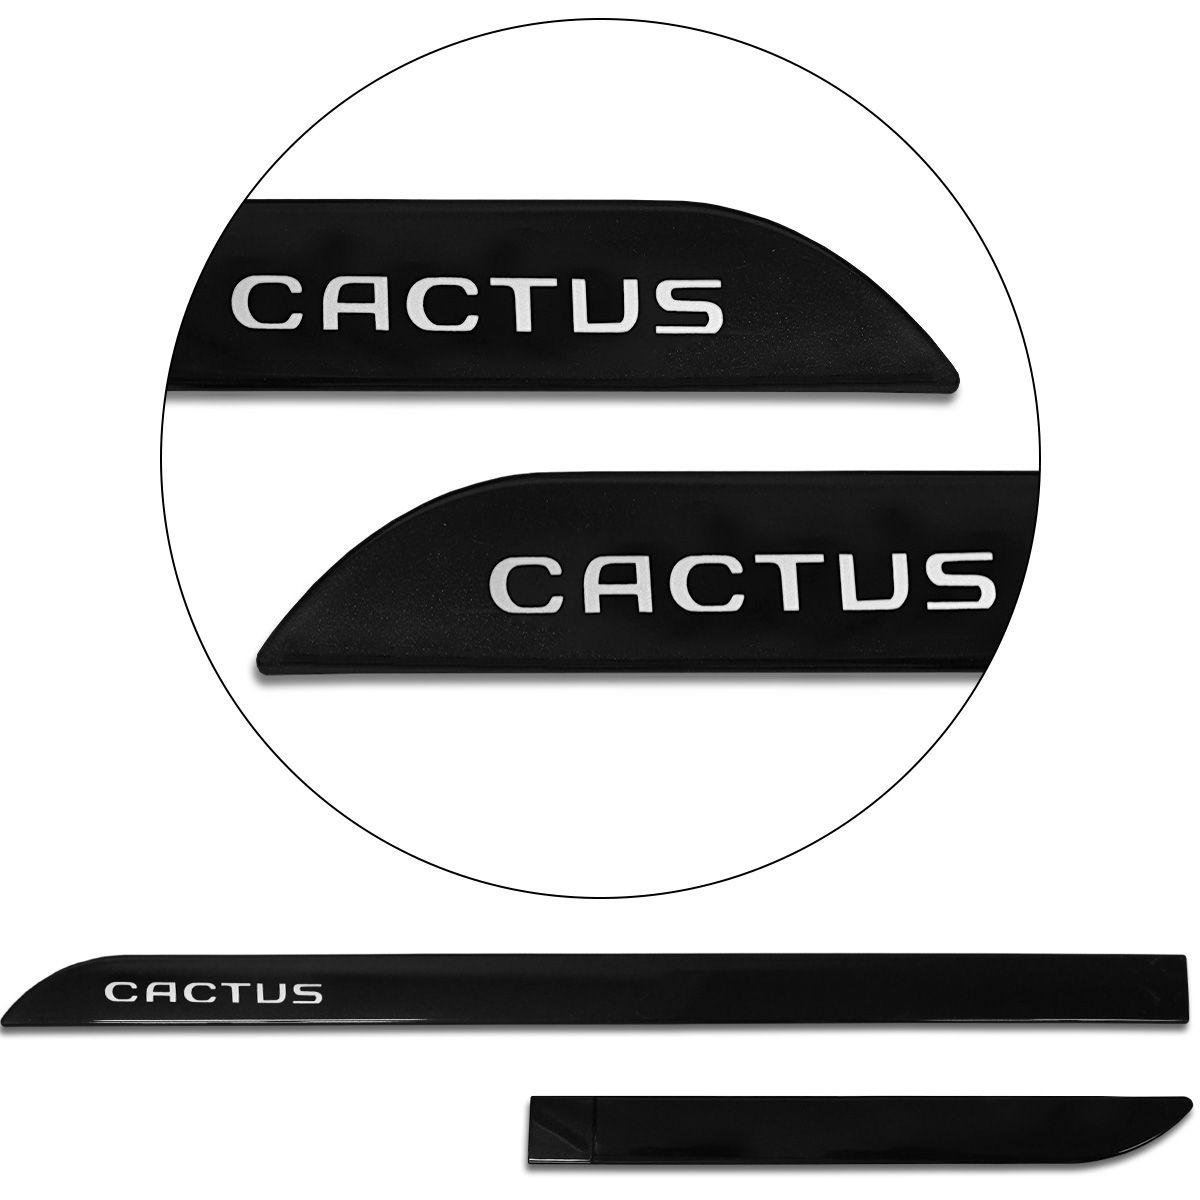 Jogo De Friso Lateral C4 Cactus 2019 2020 Facão Preto Perla Negra